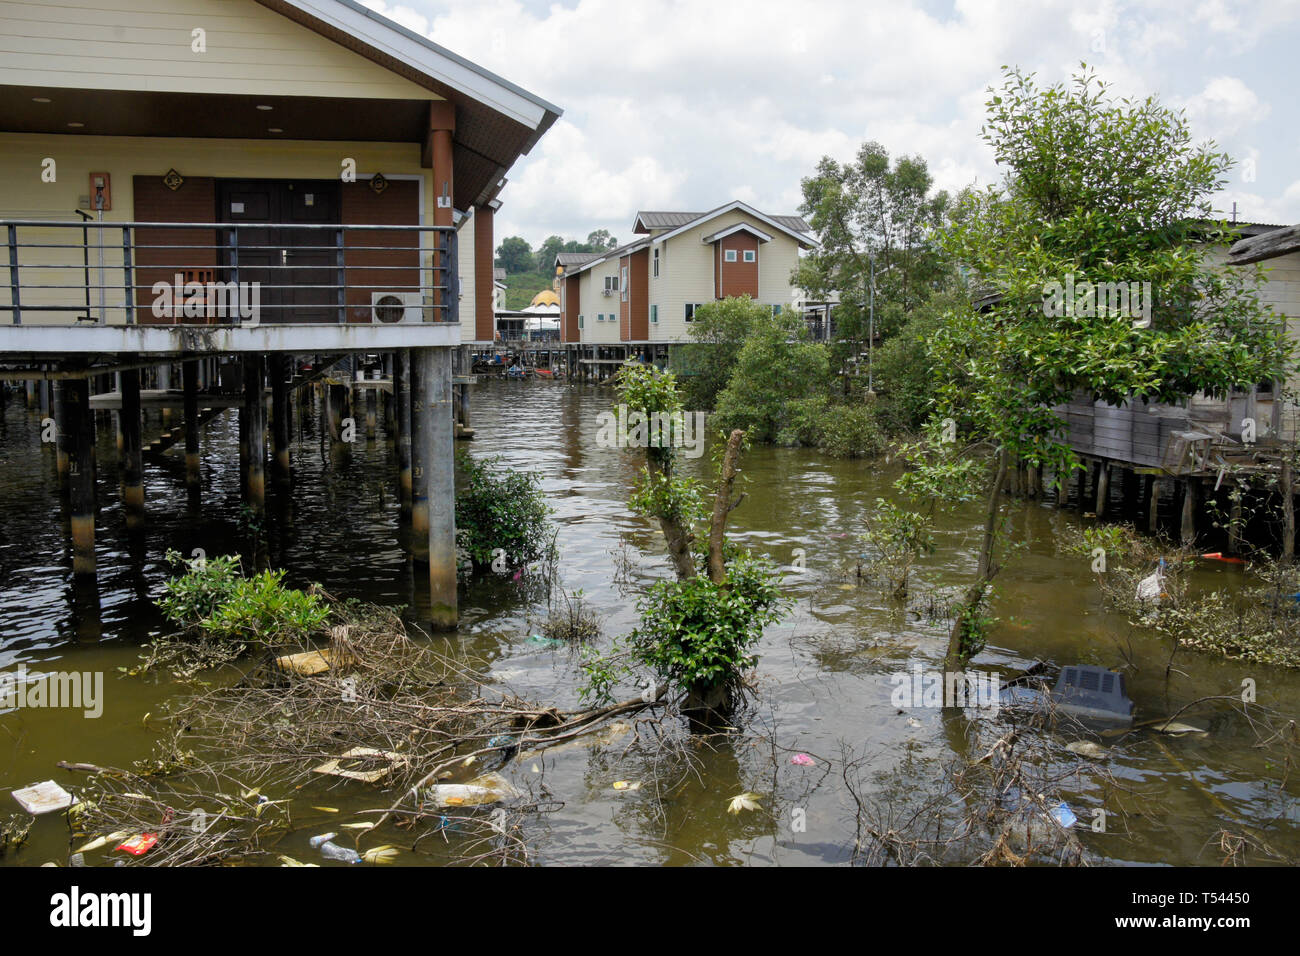 Kampong (Kampung) Ayer water village on Brunei River, Bandar Seri Begawan, Sultanate of Brunei - Stock Image